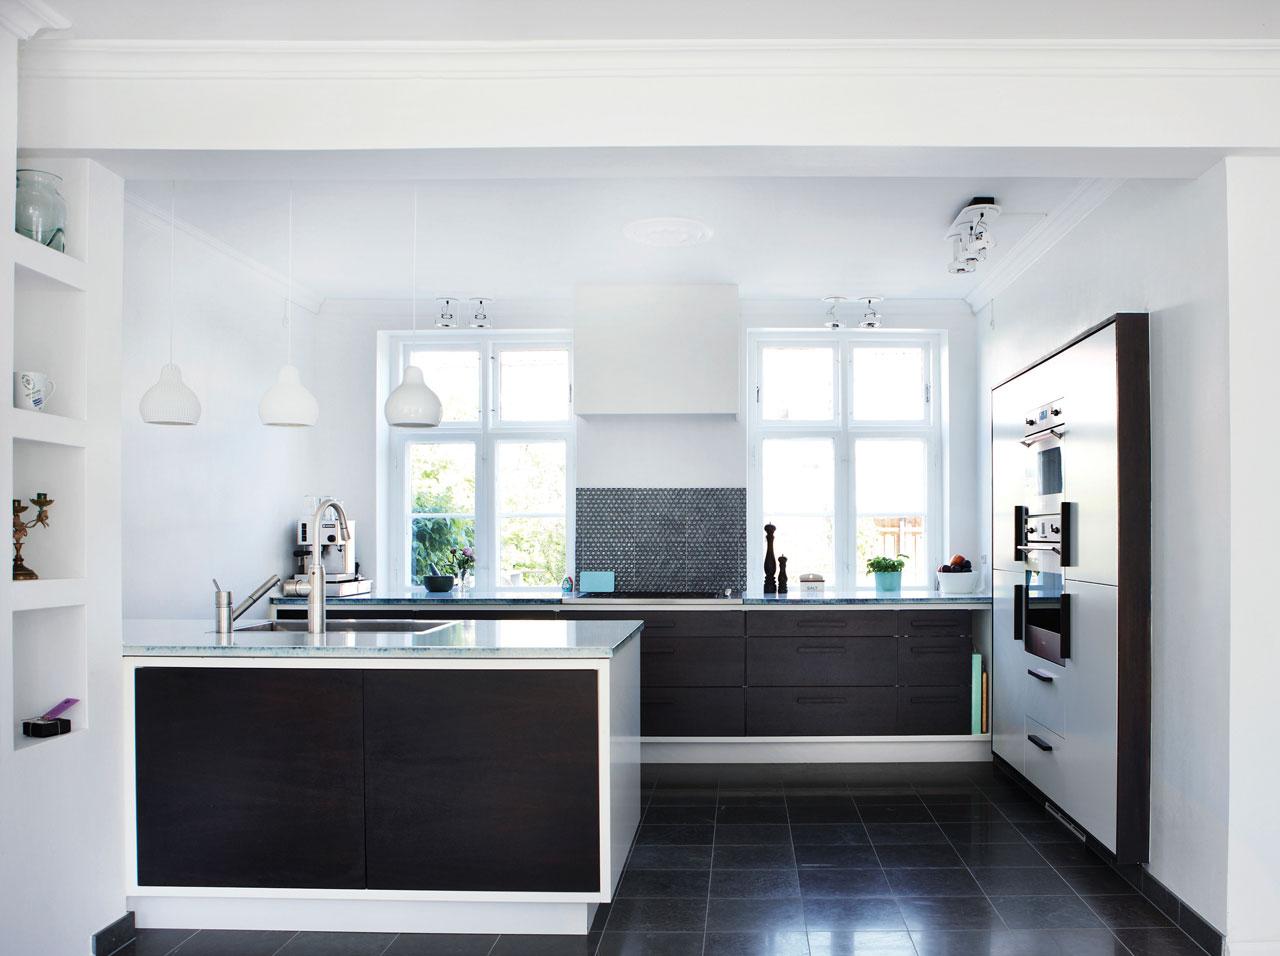 Tvillingehus i fire etager indretning   køkkenskaberne